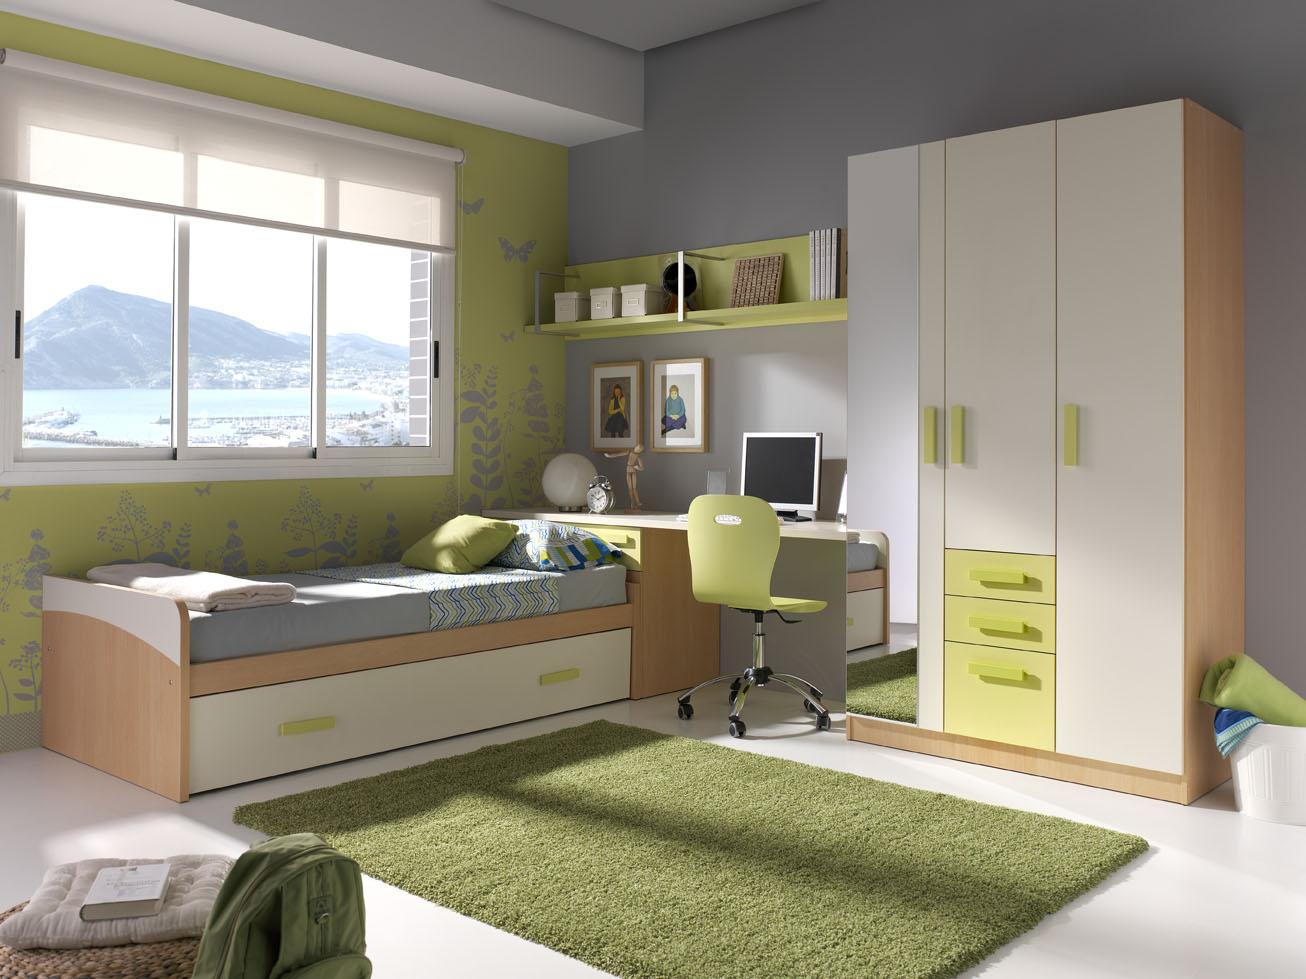 El dormitorio un lugar para so ar muebles orts blog - Muebles dormitorio juvenil ...